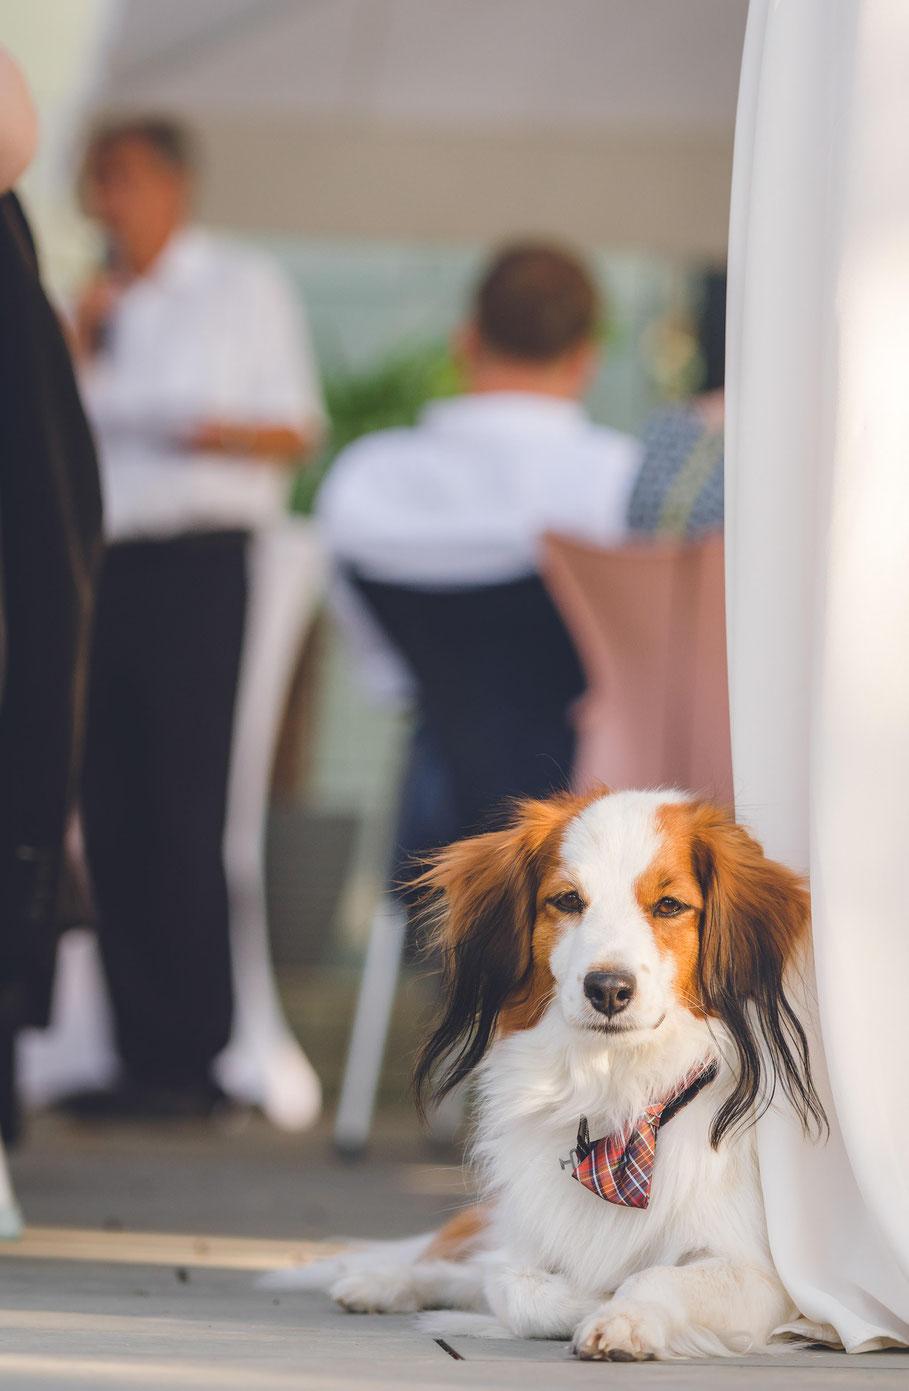 Hochzeit, der beste Fotograf, Russelsheim am Main, Nauheim, Bischofsheim, Bauschheim, Hessen, Fotografie, Reportage, Portrait, Hund, Tieren